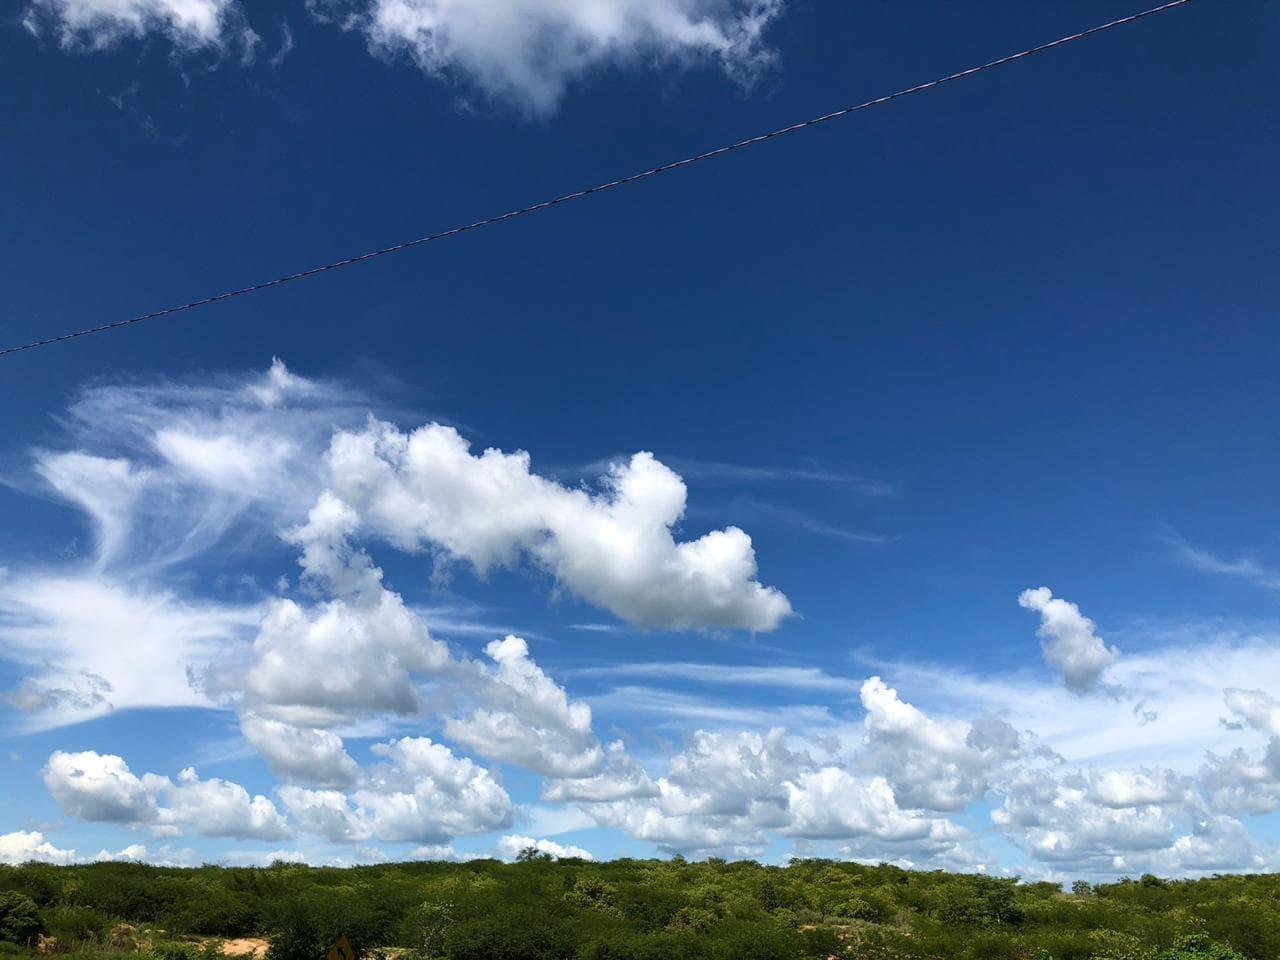 No sábado e no domingo, cobertura de nuvens não será constante (FOTO: Marciel Bezerra)